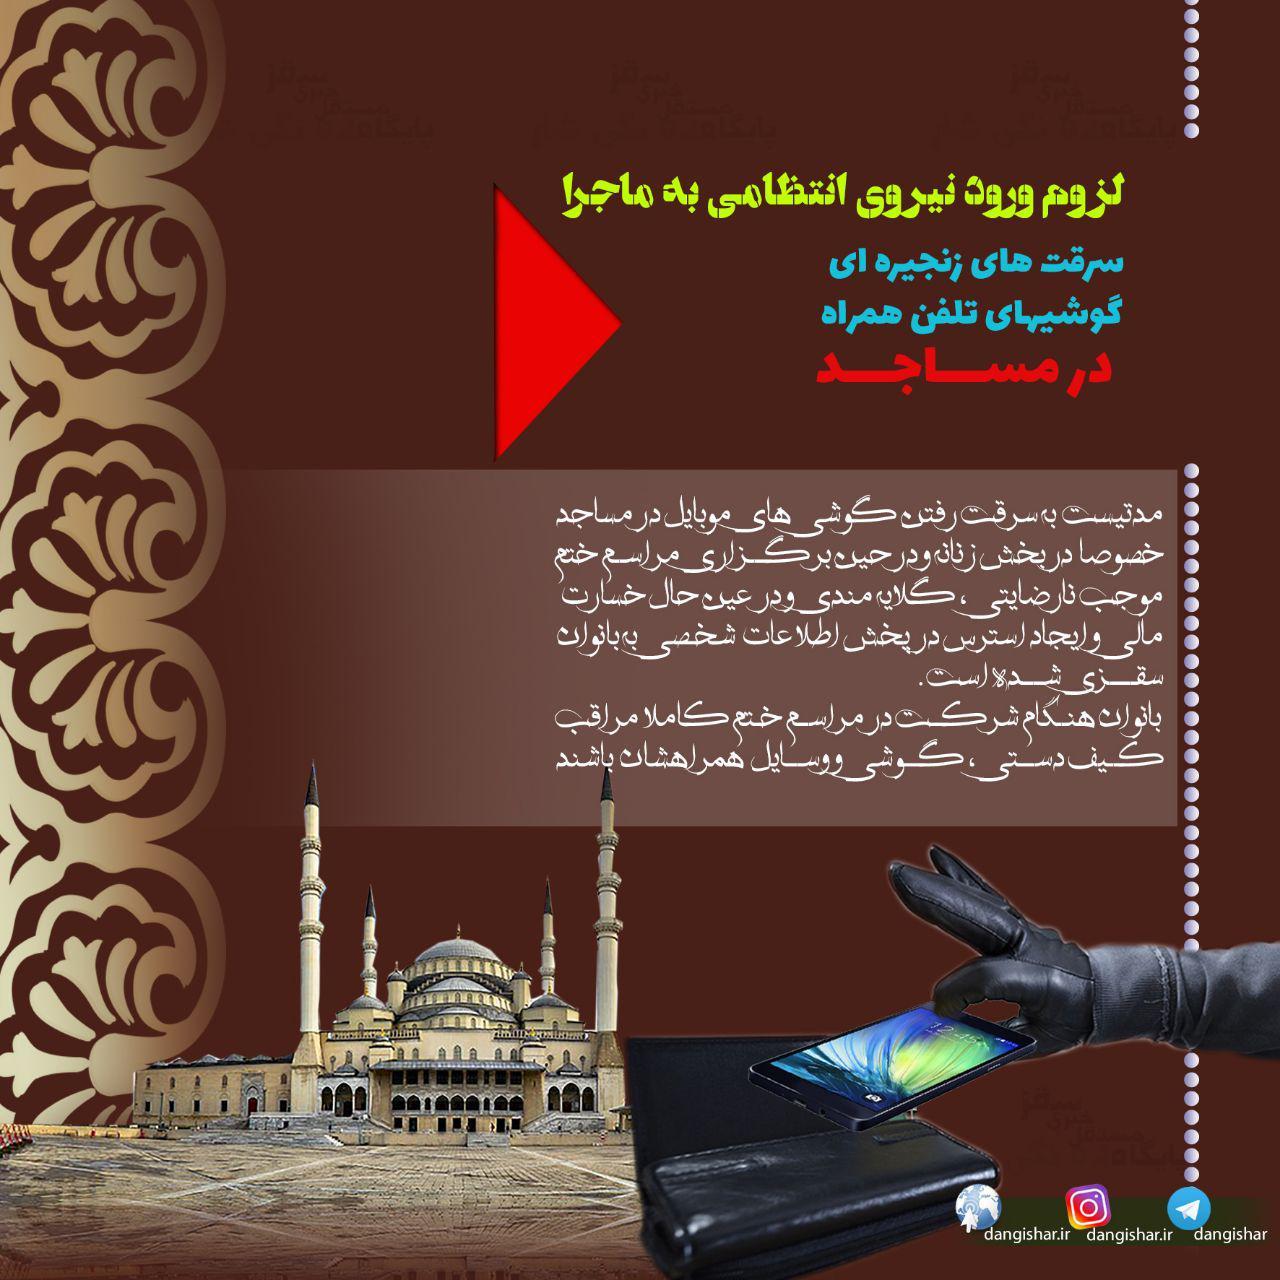 ️سرقتهای زنجیره ای گوشیهای تلفن همراه در مساجد سقز/لزوم ورود نیروی انتظامی به ماجرا